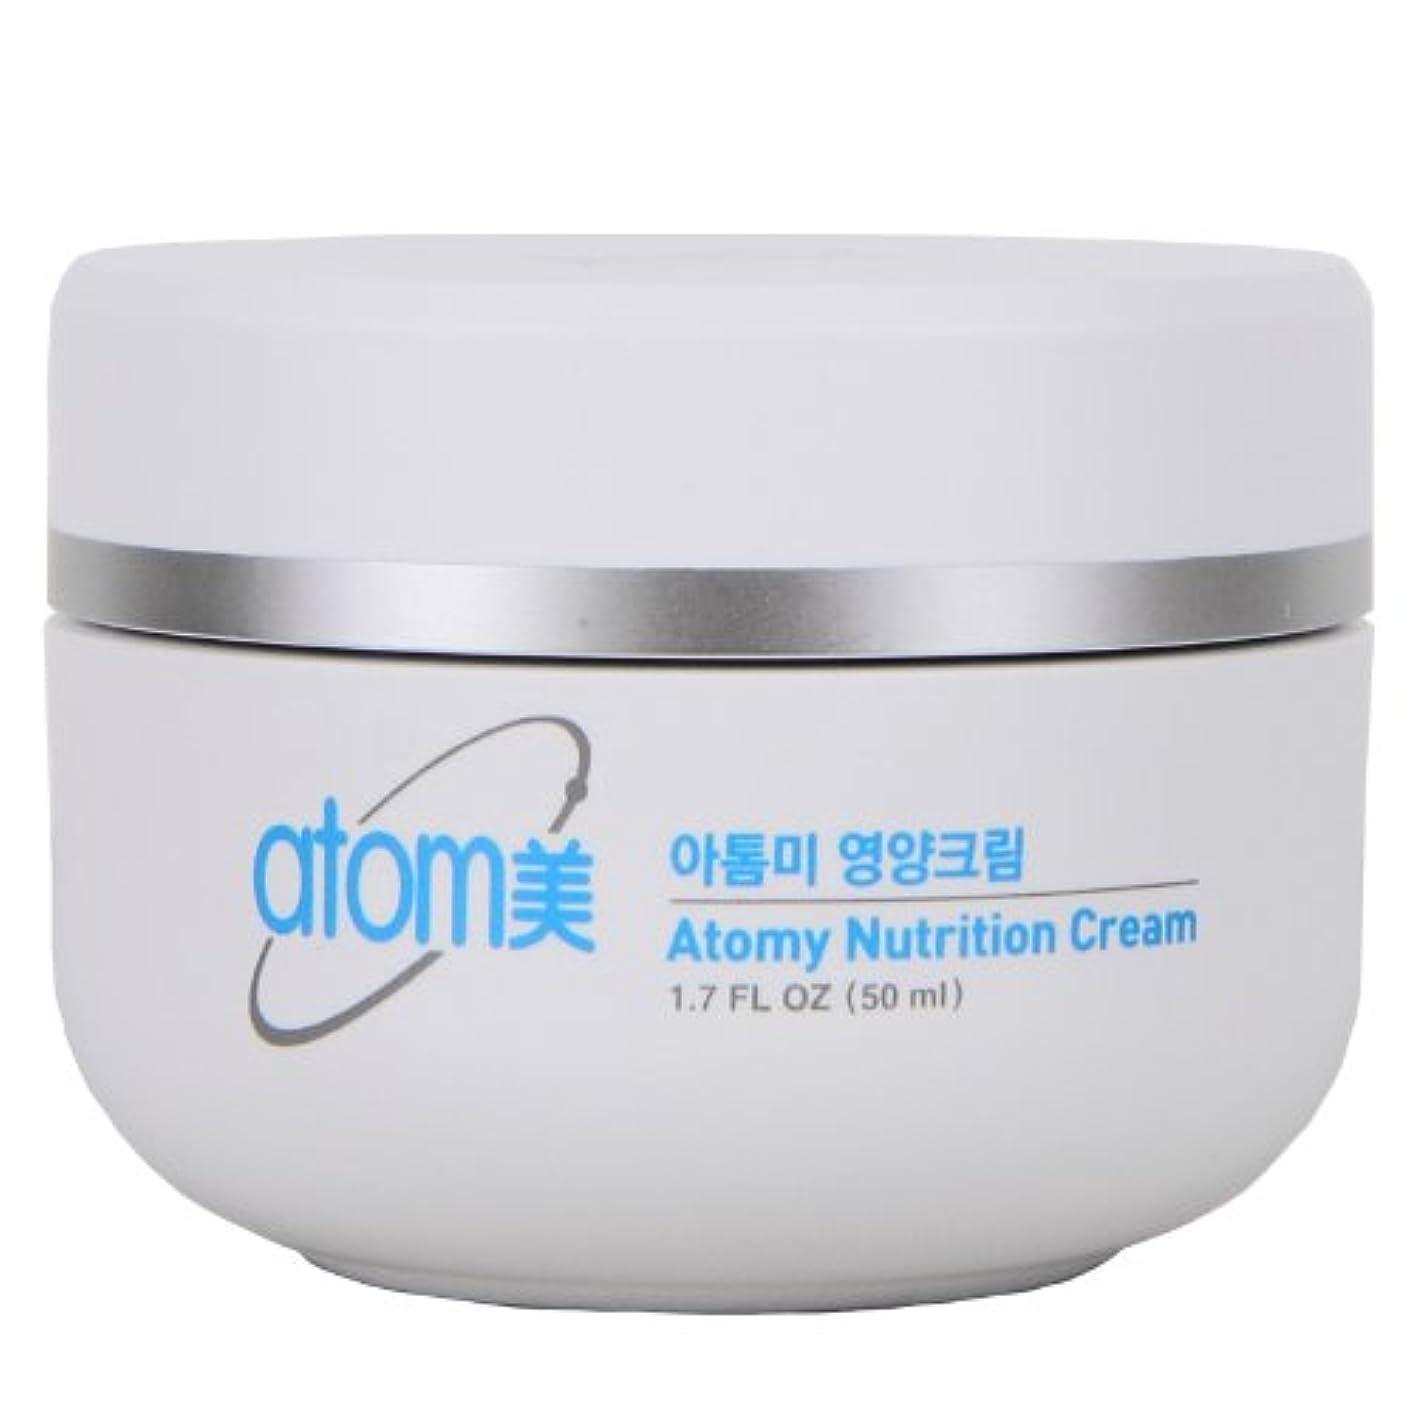 蒸留する蒸ホップ韓国コスメ Atom美 アトミ クリーム ■ナチュラルコスメ